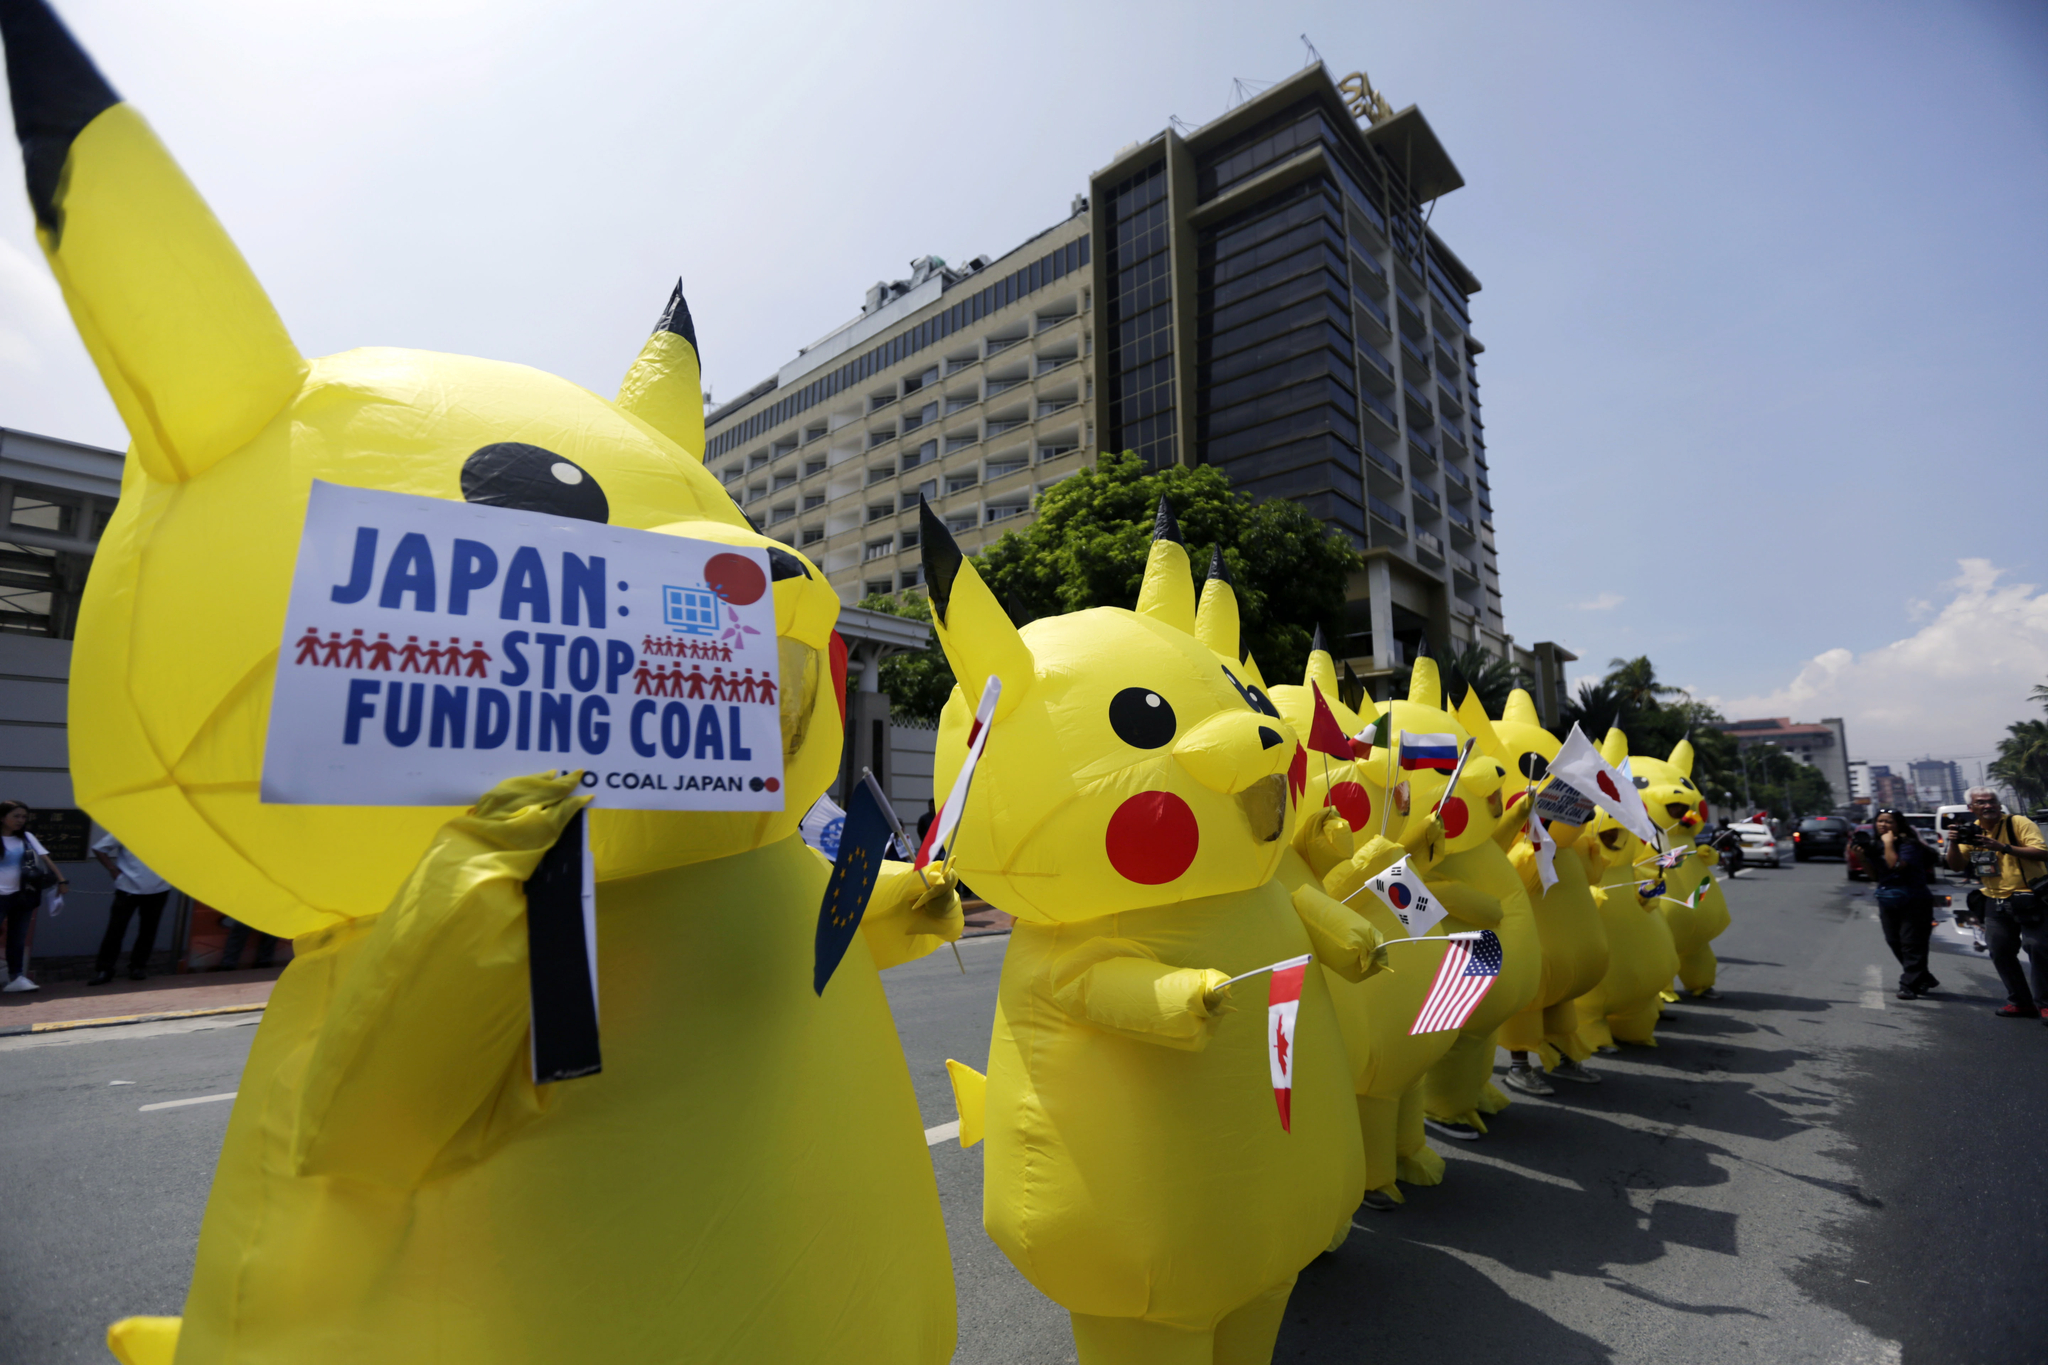 캐릭터 '피카츄' 복장을 한 환경운동가들이 25일(현지시간) 필리핀 수도 마닐라의 일본대사관 앞에서 시위를 벌이고 있다. 이들은 주요 20개국(G20) 정상회의 개최를 준비 중인 일본에 대해 석탄산업 보조금 지원 중단을 요구했다.[EPA=연합뉴스]